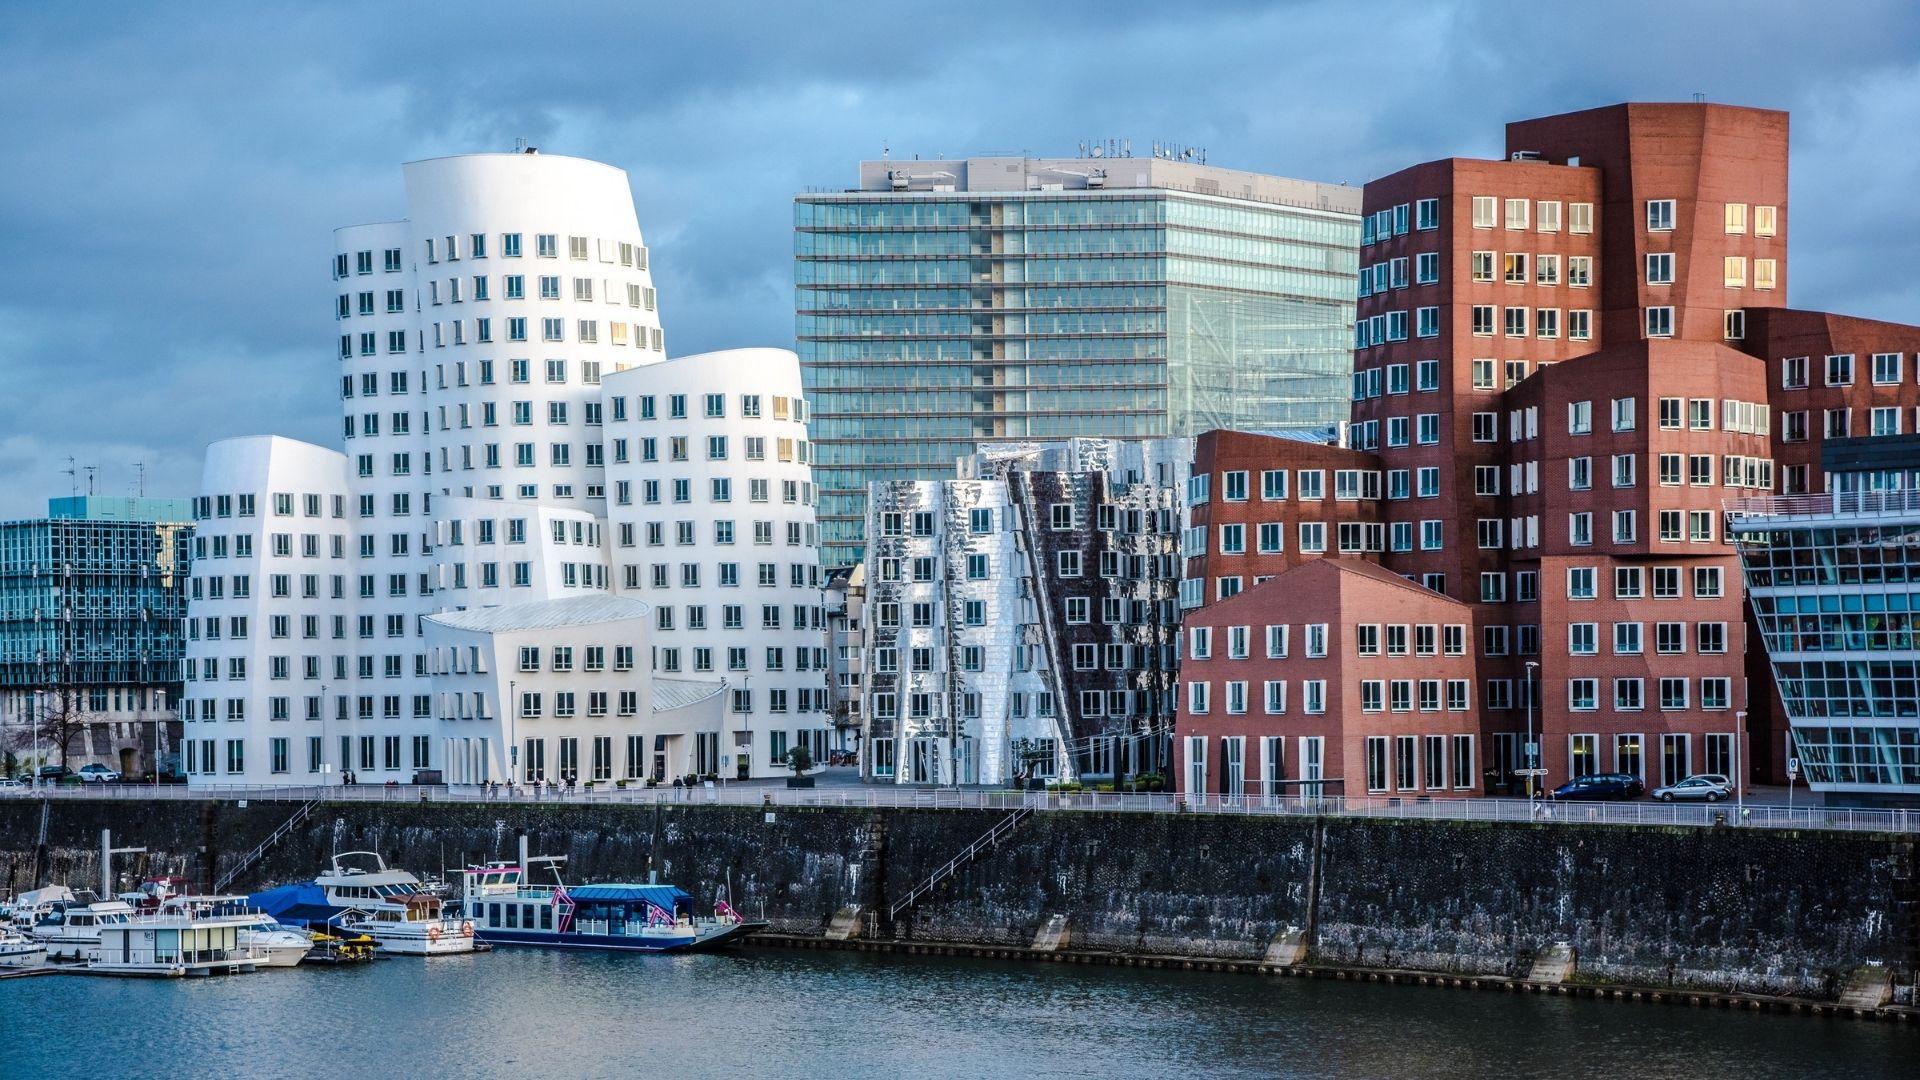 Almanya İş Arayan Vizesi 1 – almanya is arama vizesi 2